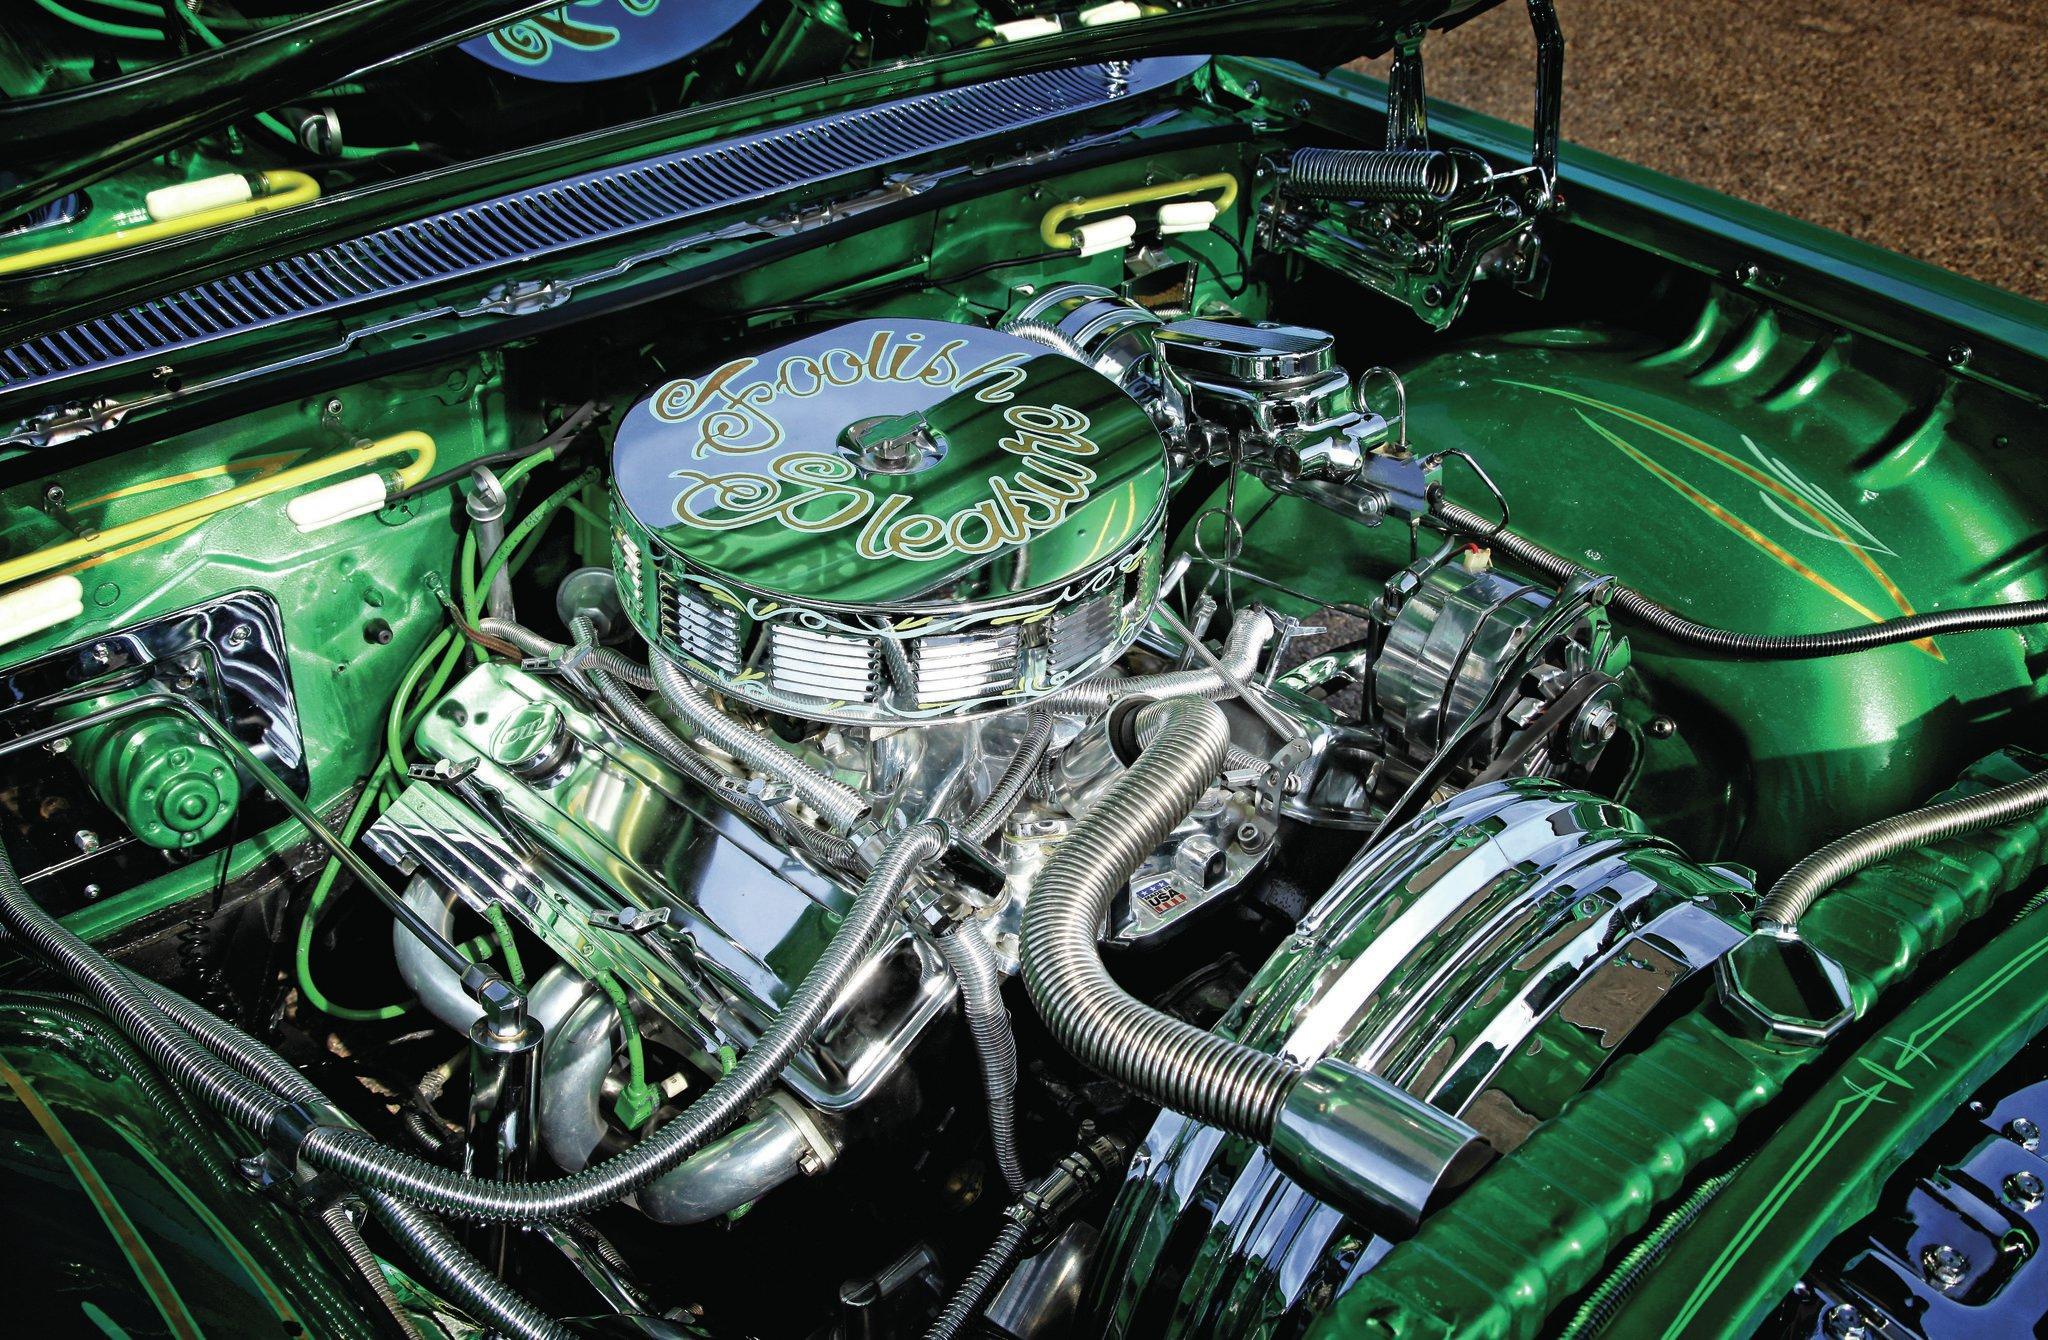 Chevrolet El Camino Chrome Engine on 1959 El Camino